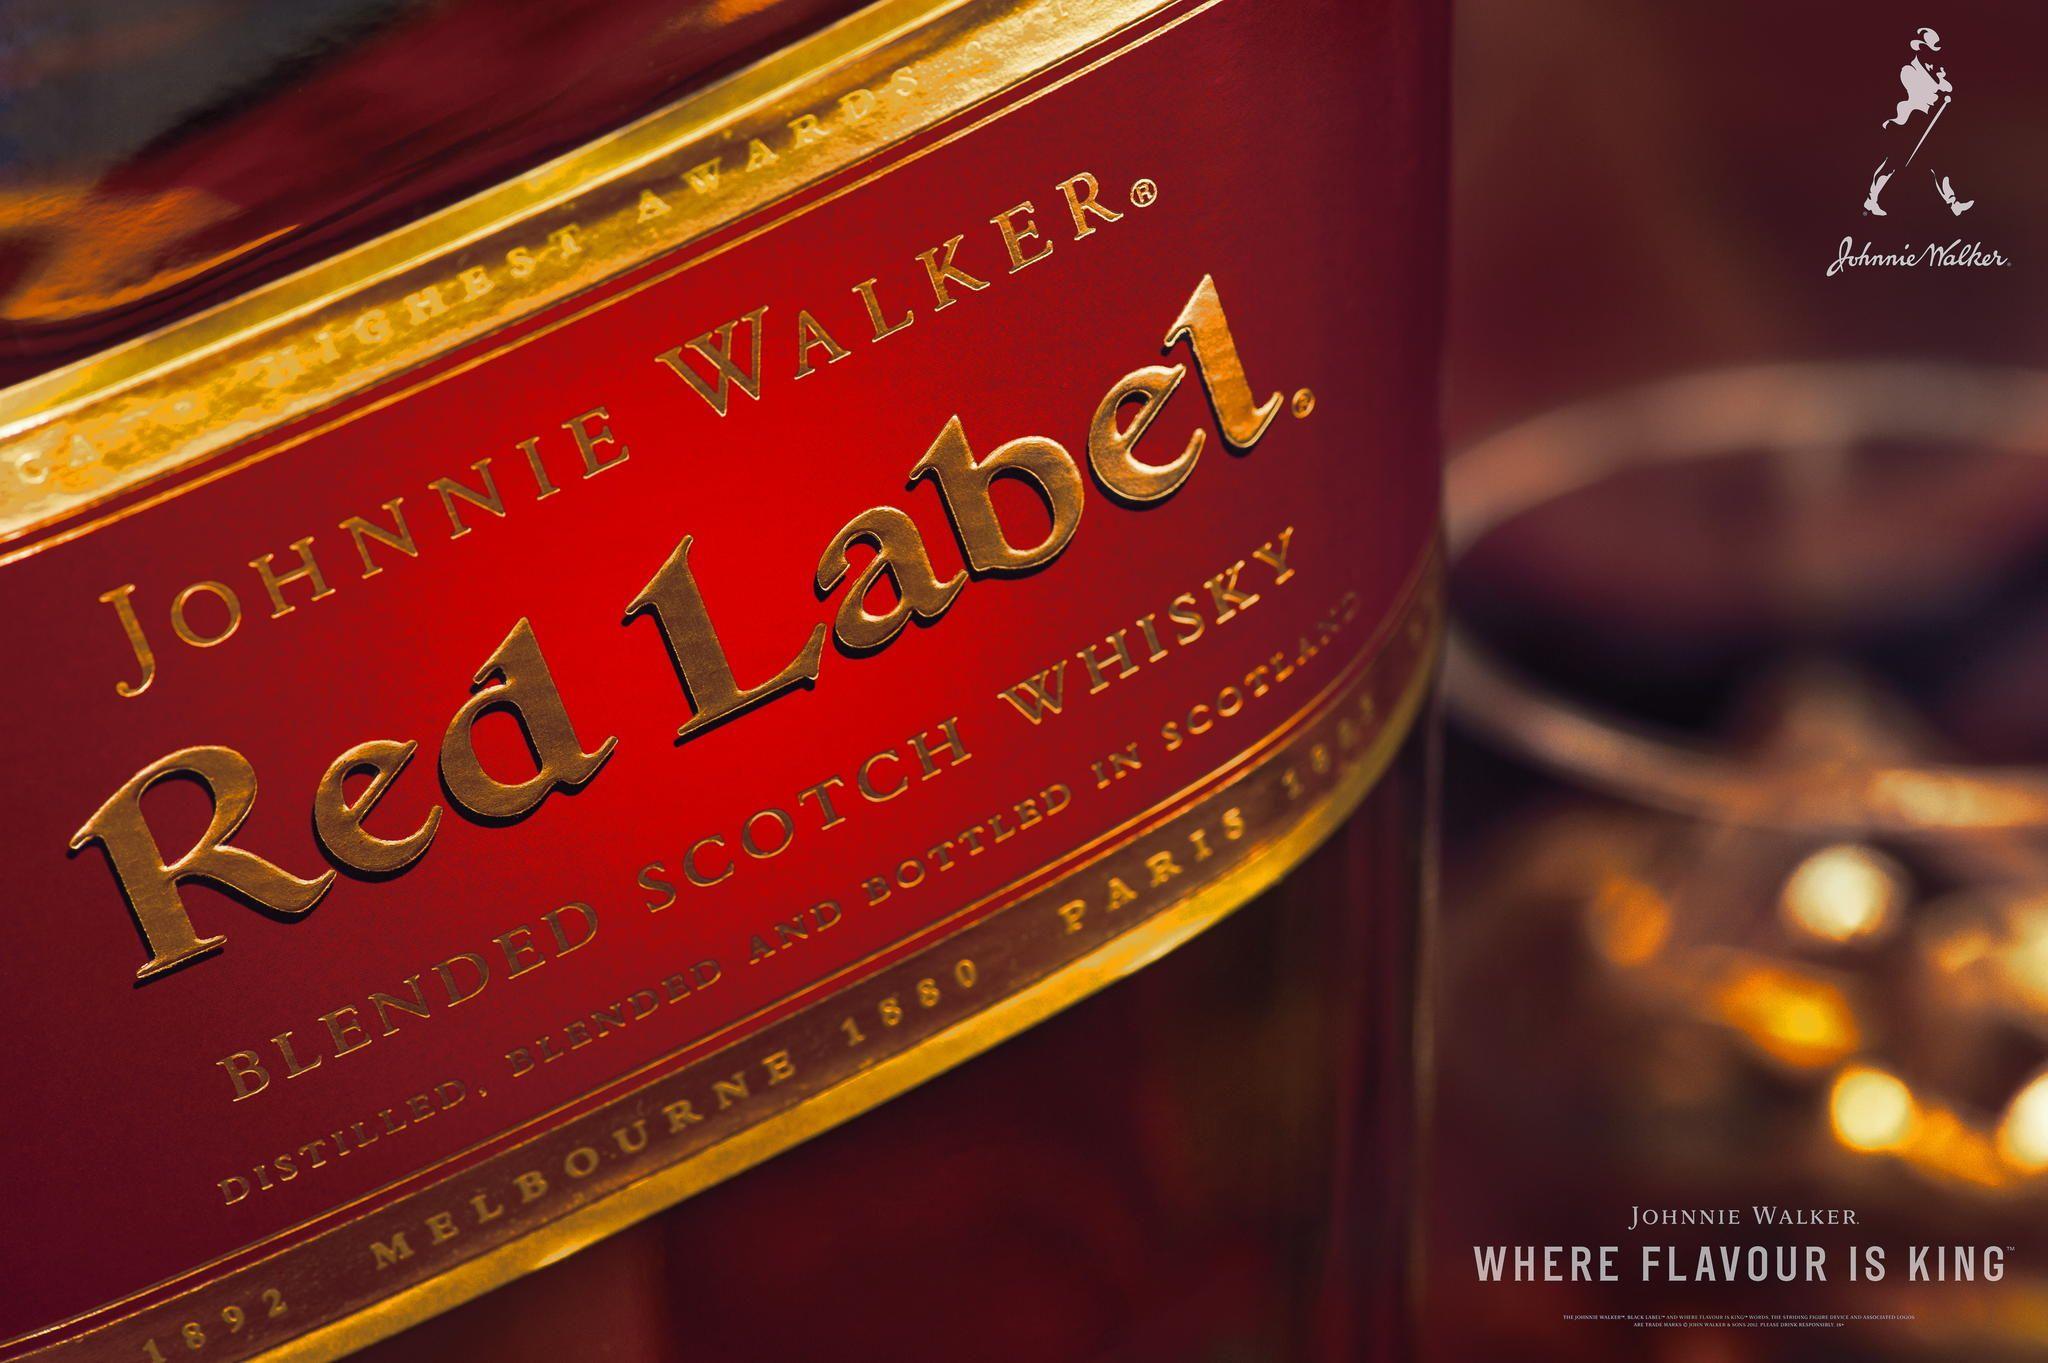 Johnny Walker Red Label Johnnie Walker Johnnie Walker Whisky Red Label